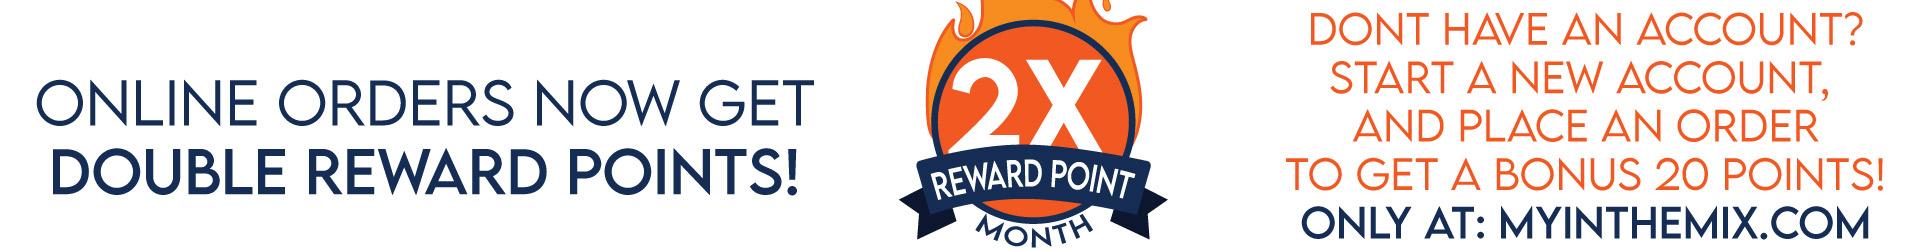 2X Reward Poins